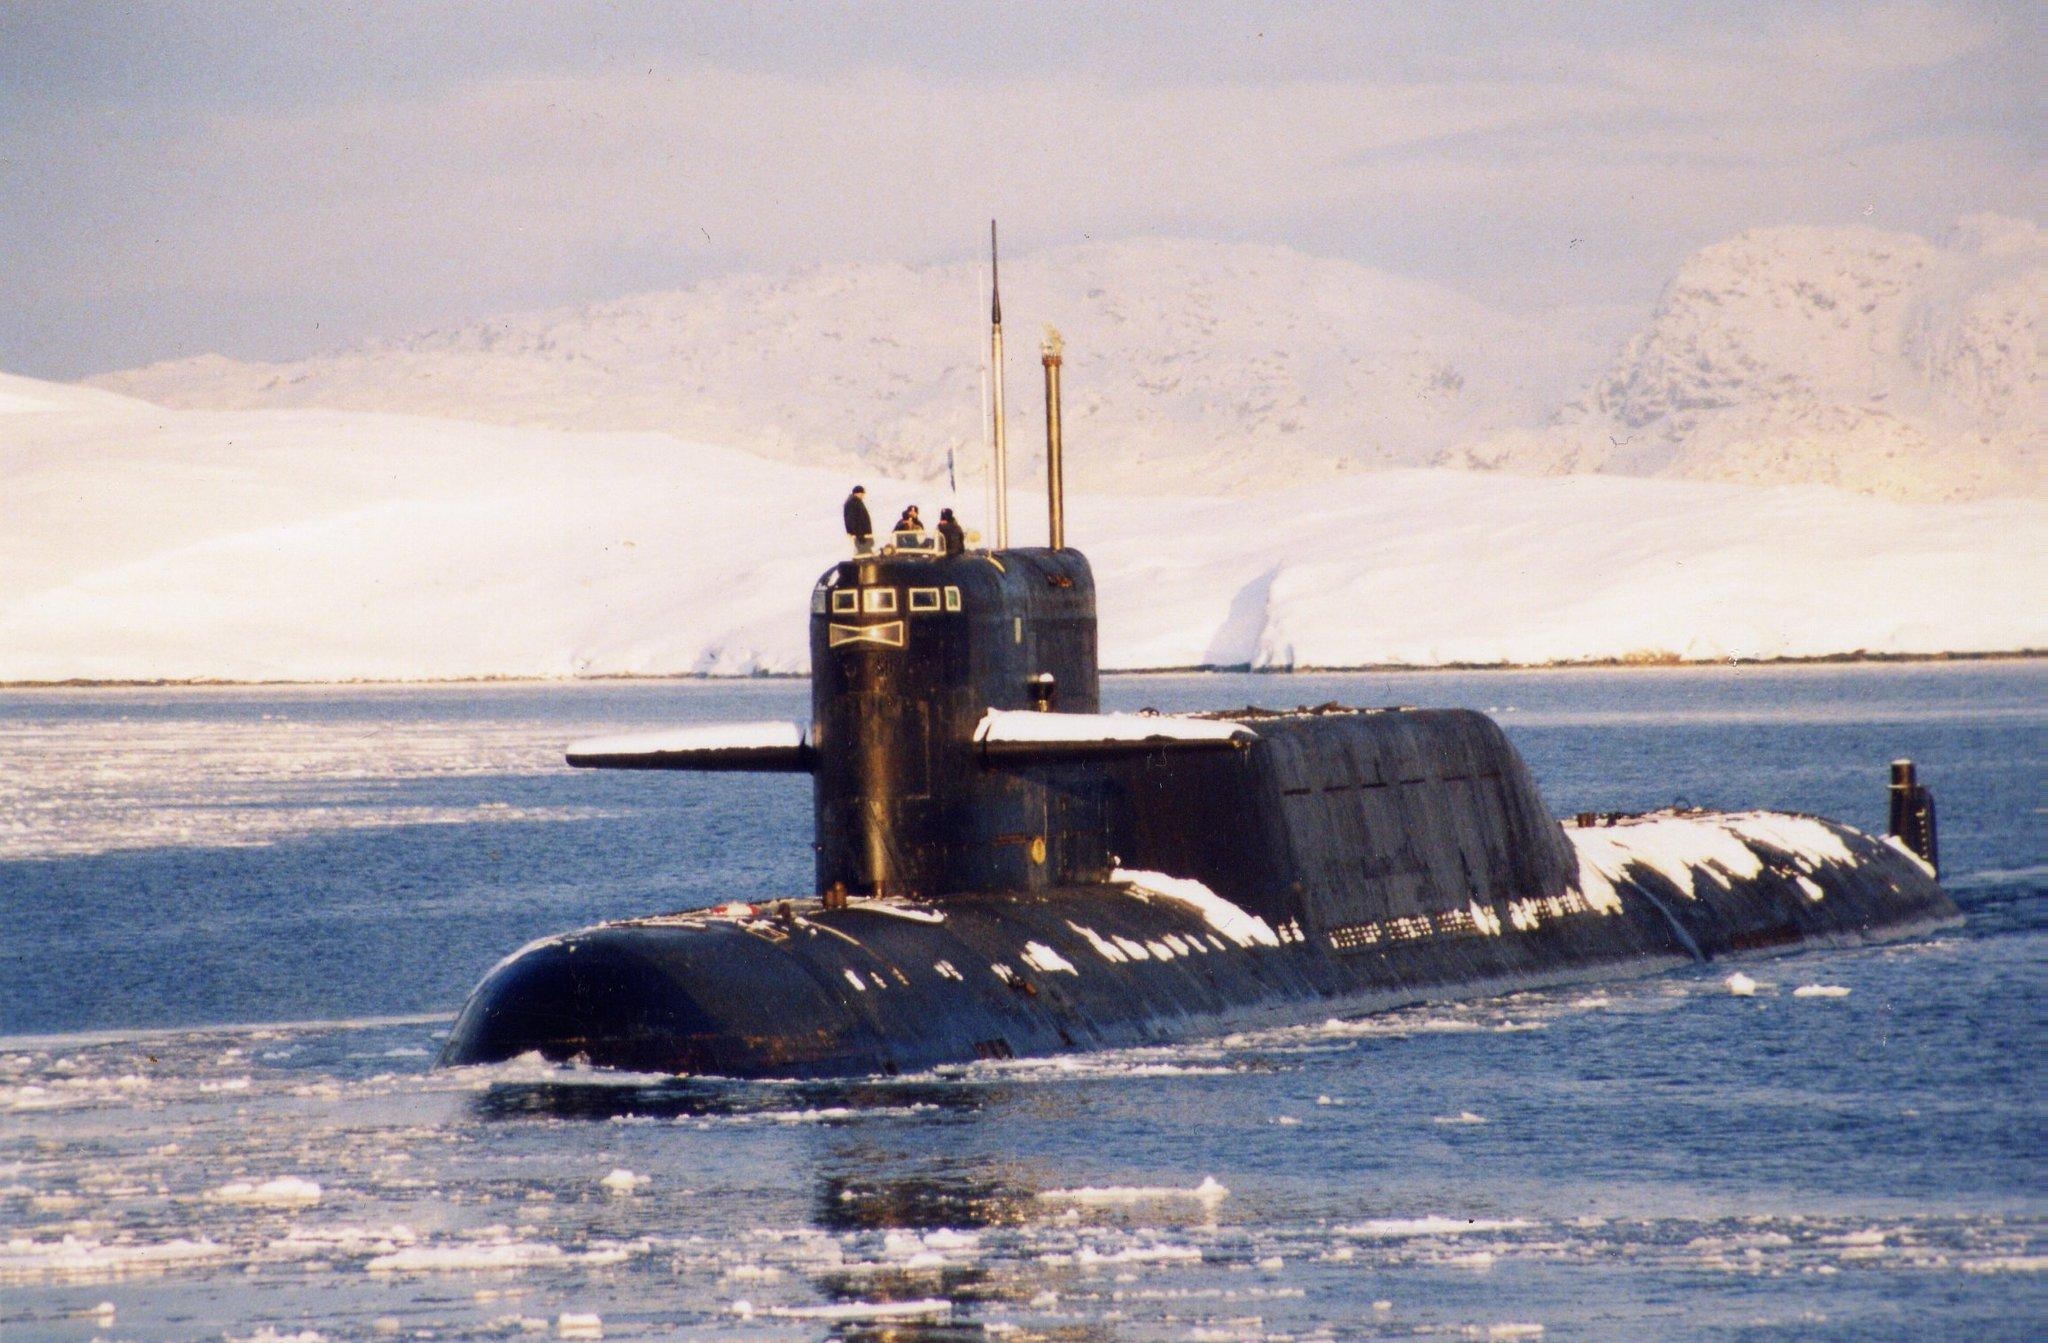 праздничные фото подводных лодок края несколько сантиметров